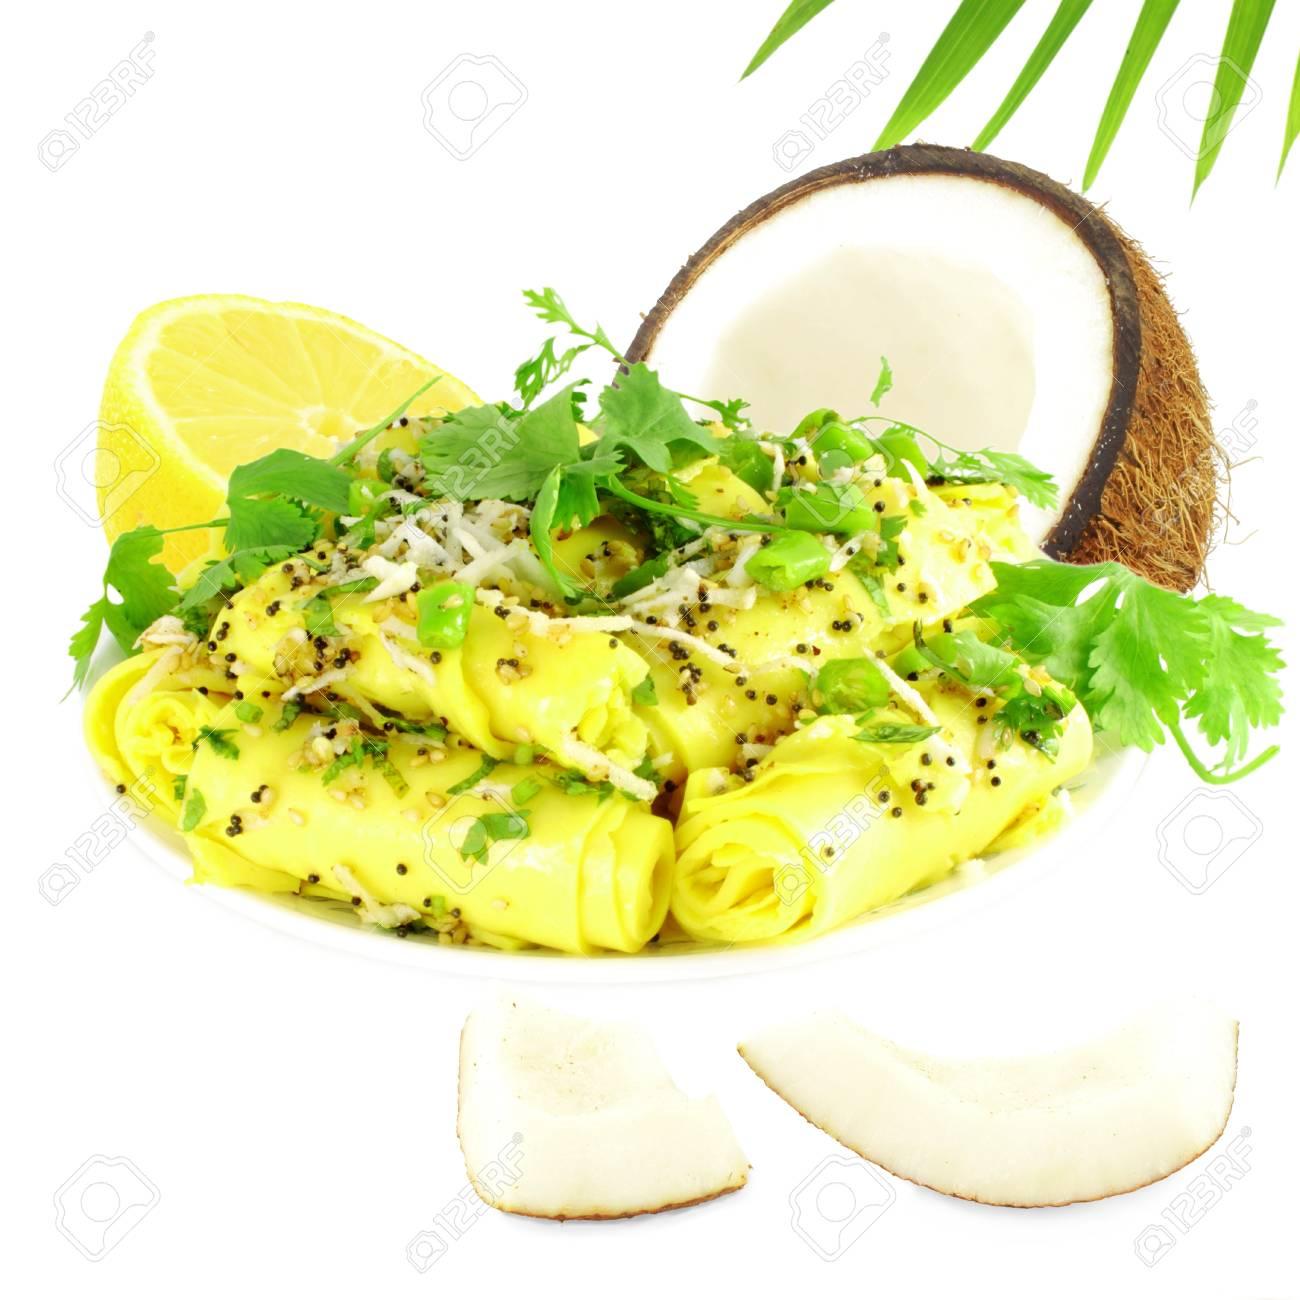 Khandvi Kichererbsenmehl Snack Traditionelle Indische Küche ...